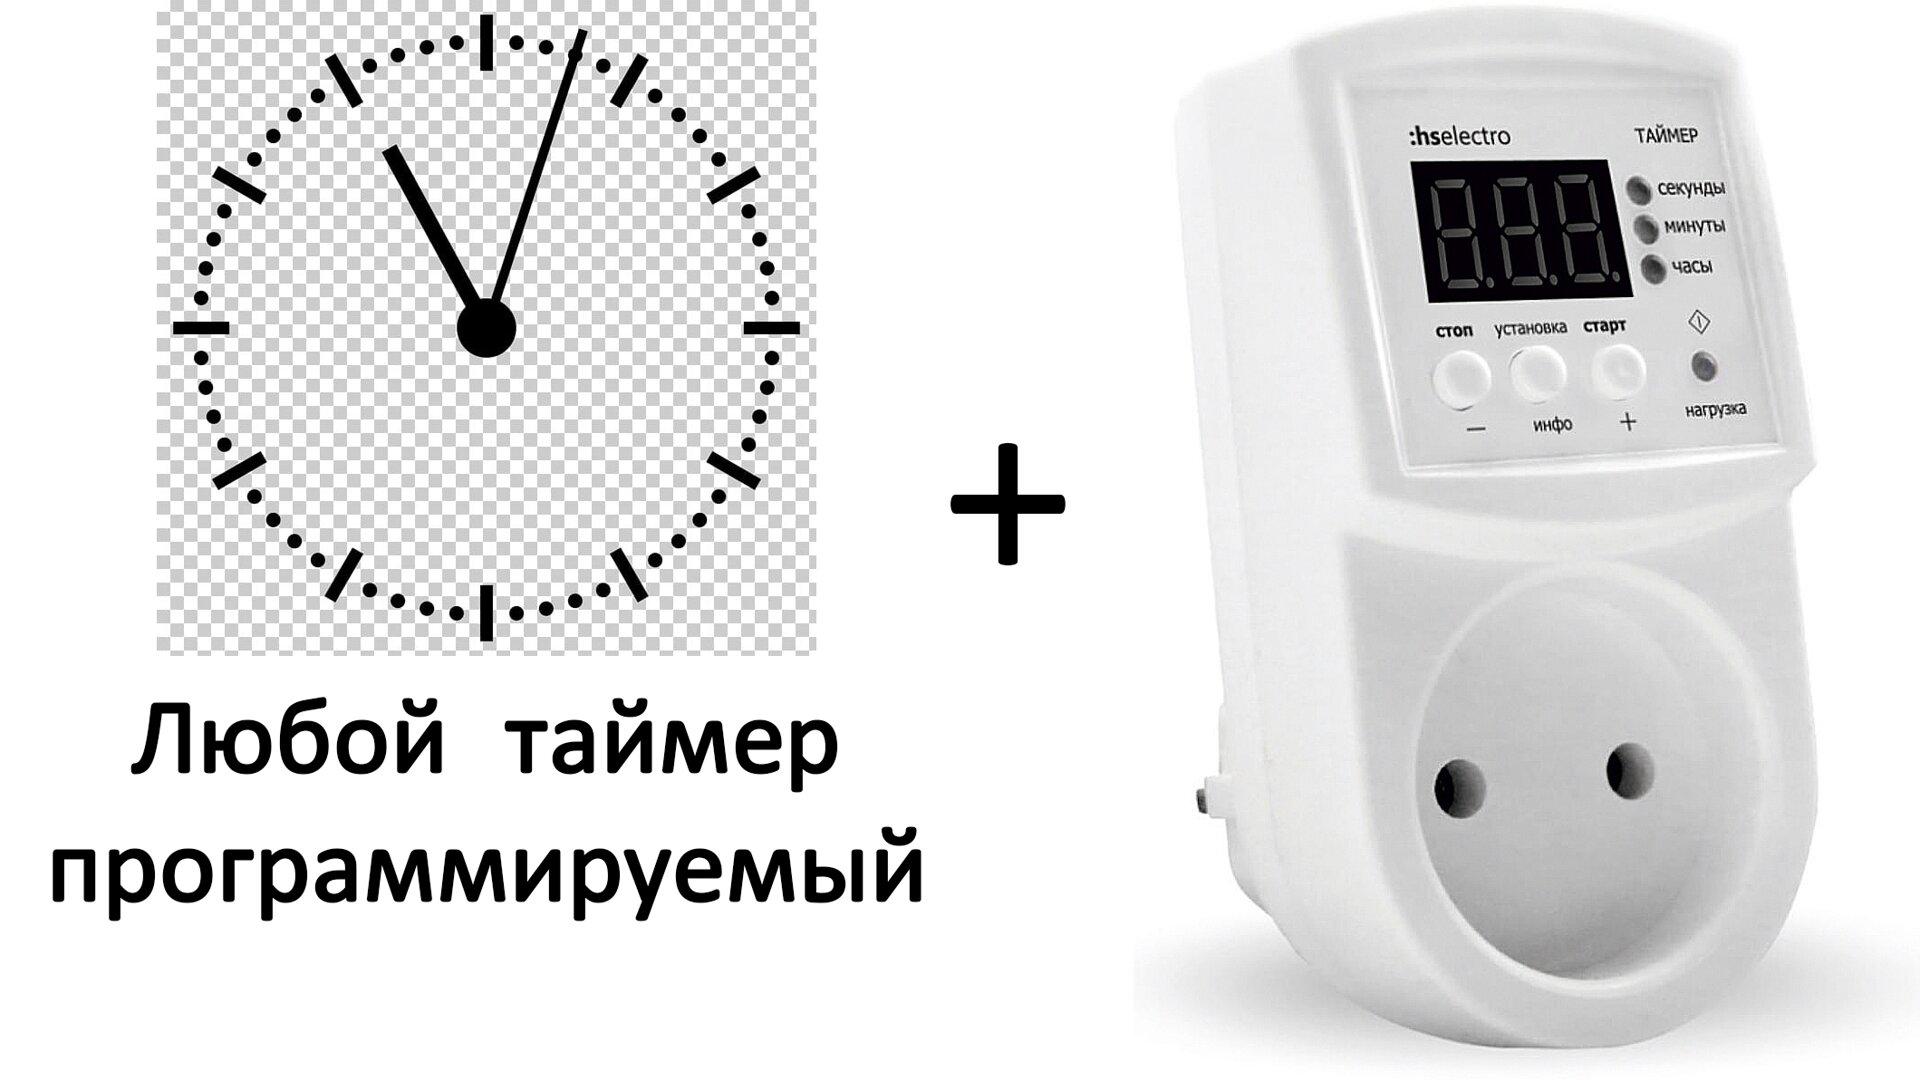 Таймер циклический Т10ц в розетку - фото Таймер циклический + реального времени .jpg